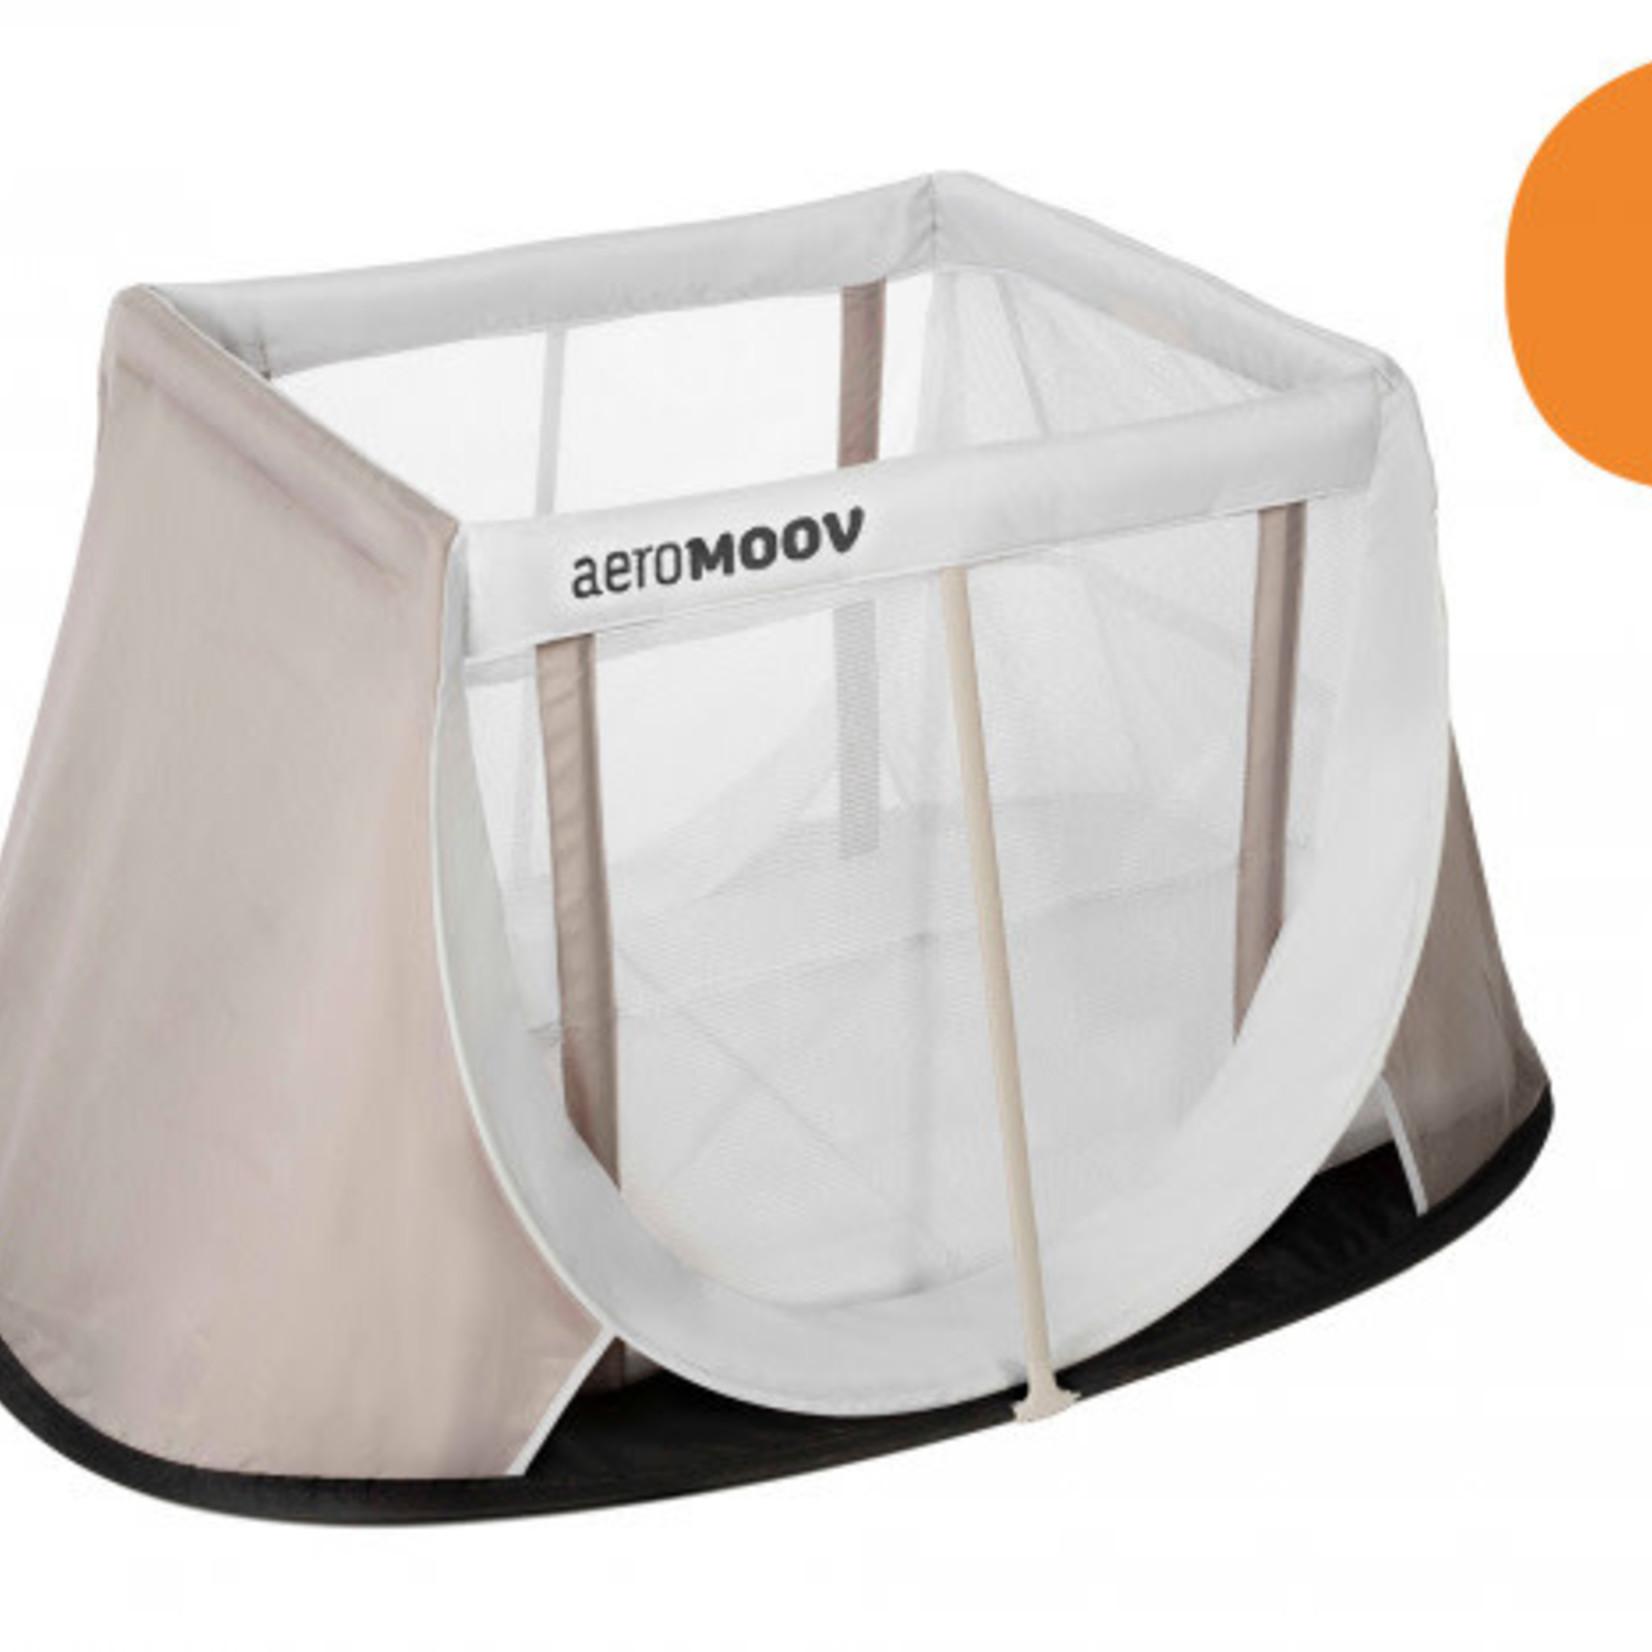 AeroMoov AeroMoov Instant travel cot - White sand